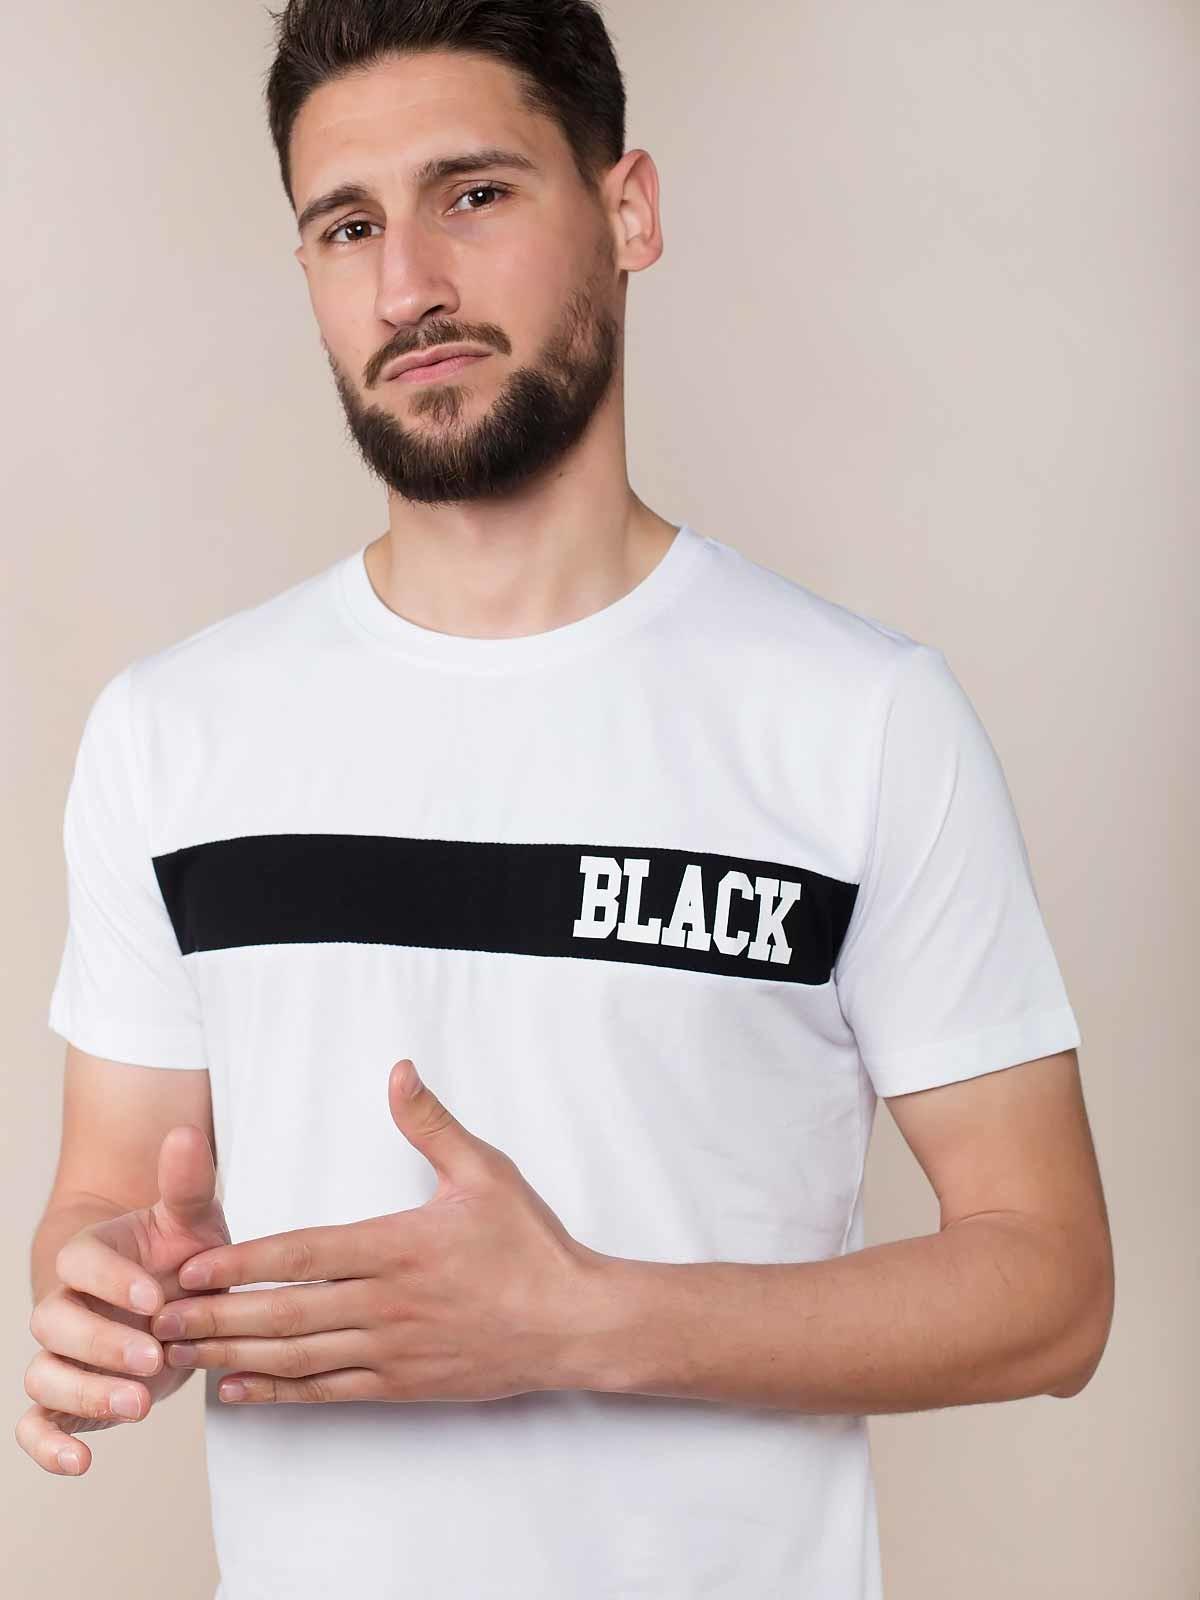 Camiseta estampada Black